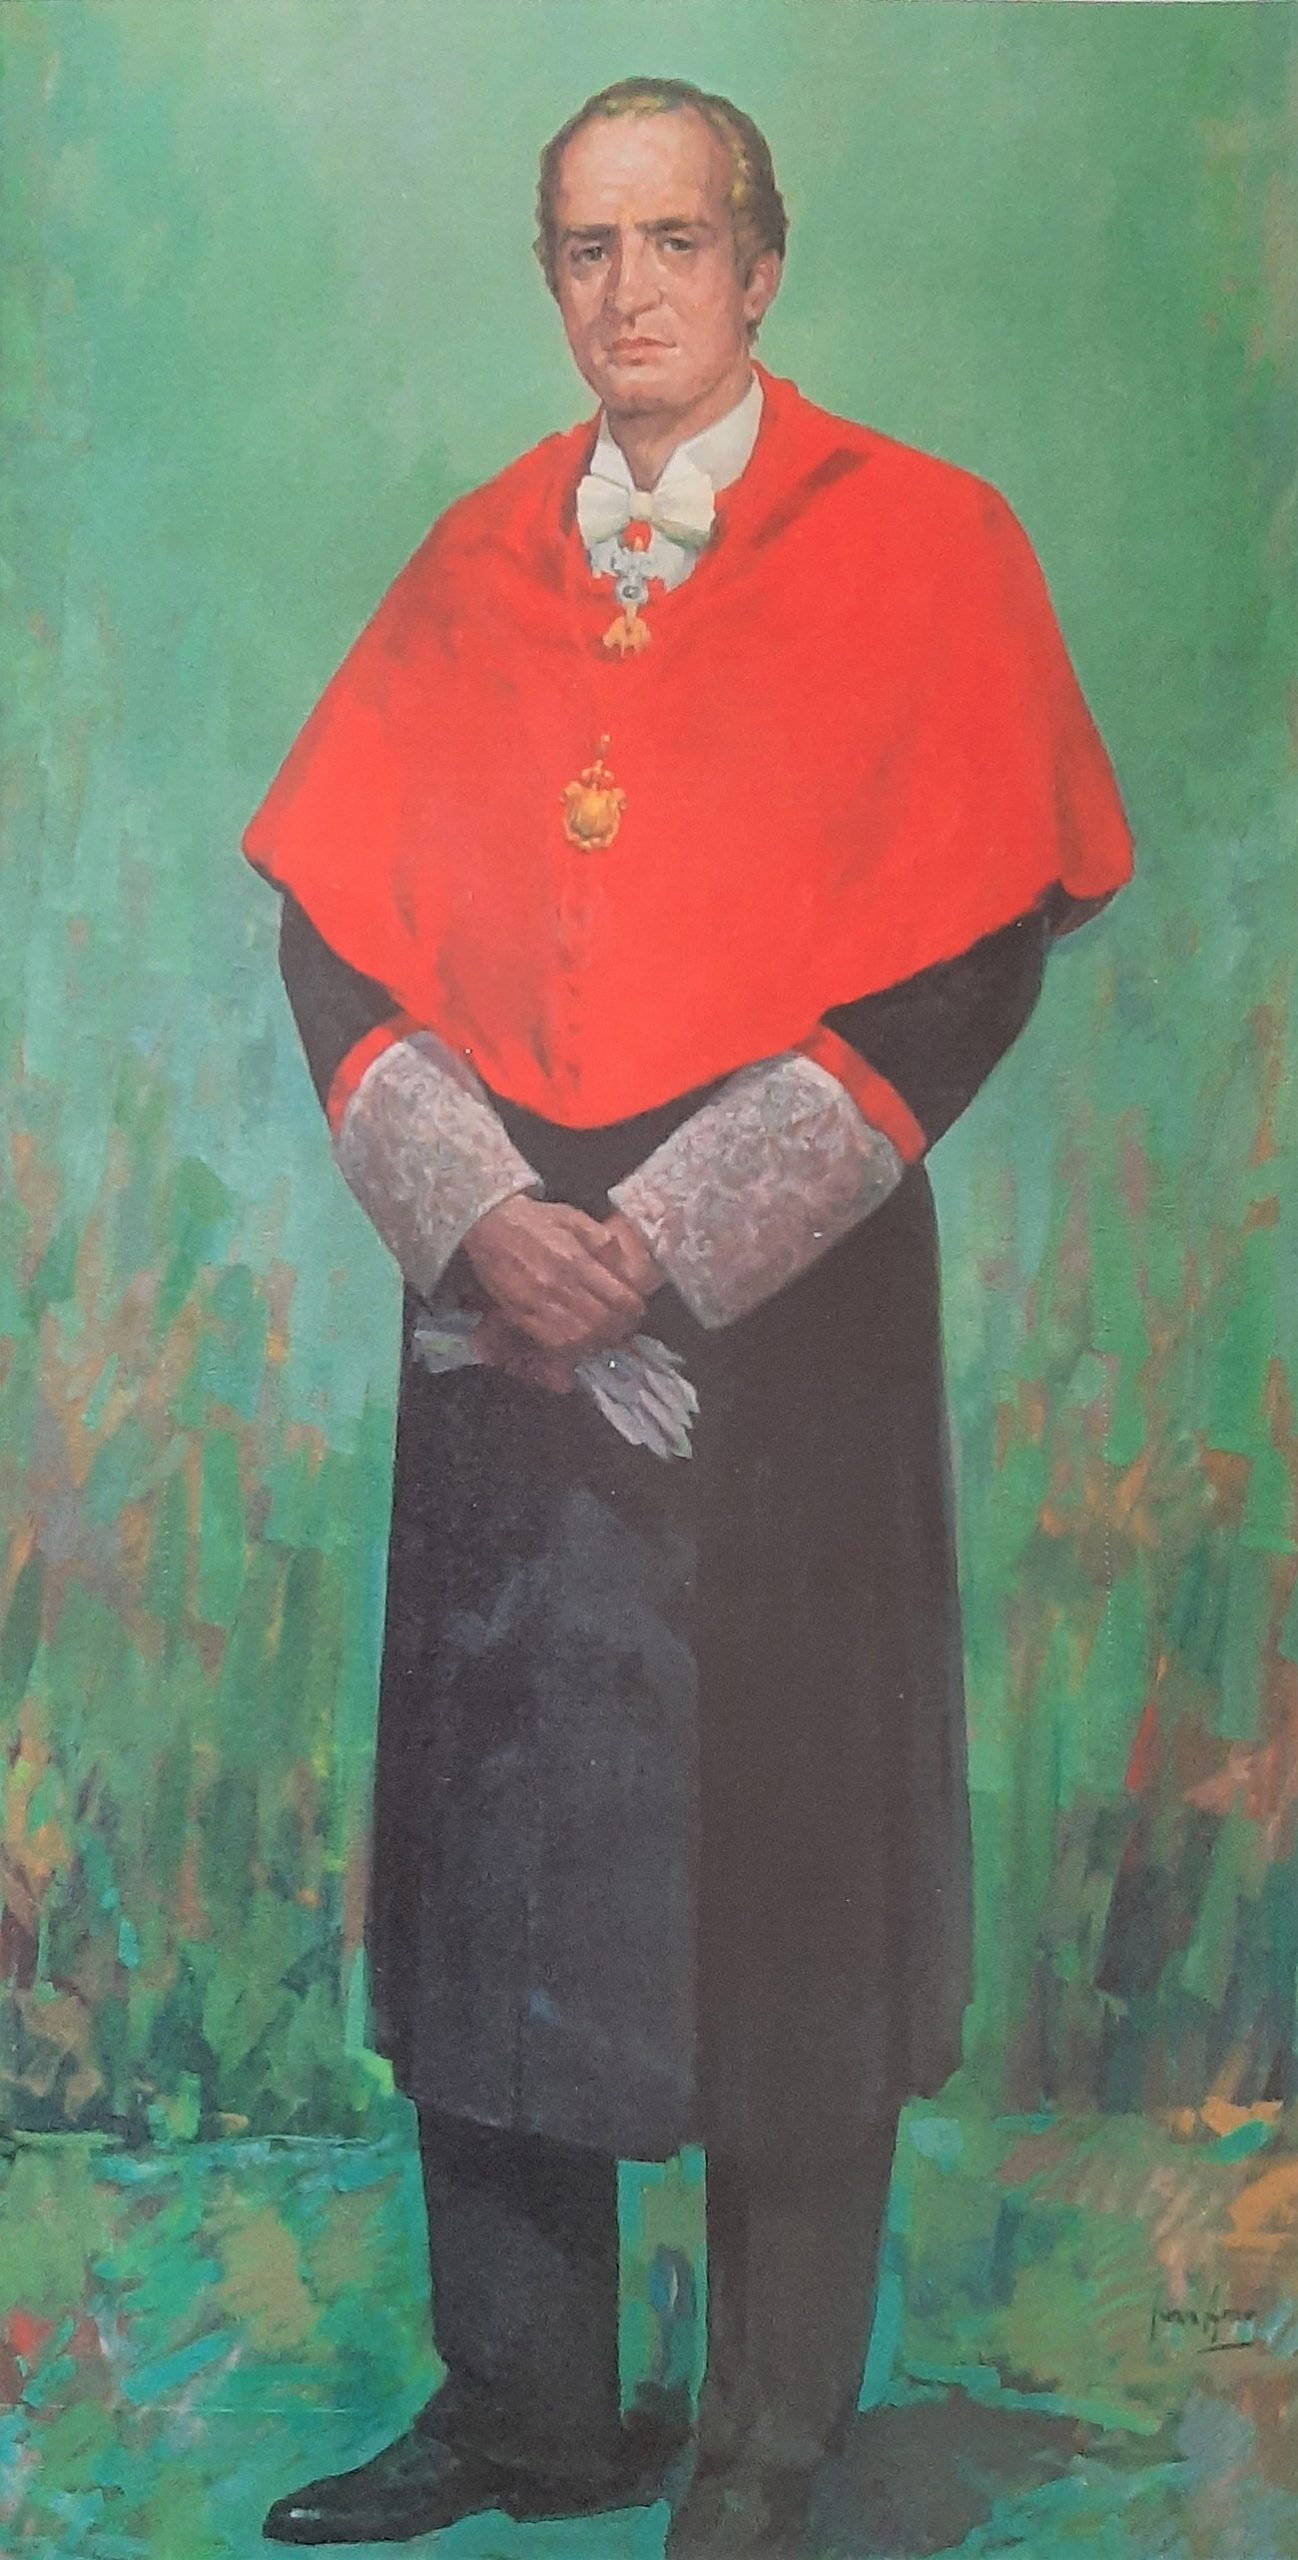 JUAN CARLOS I REY DE ESPAÑA. Óleo de Juan Amo. Rectorado Universidad Castilla - La Mancha. Ciudad Real.